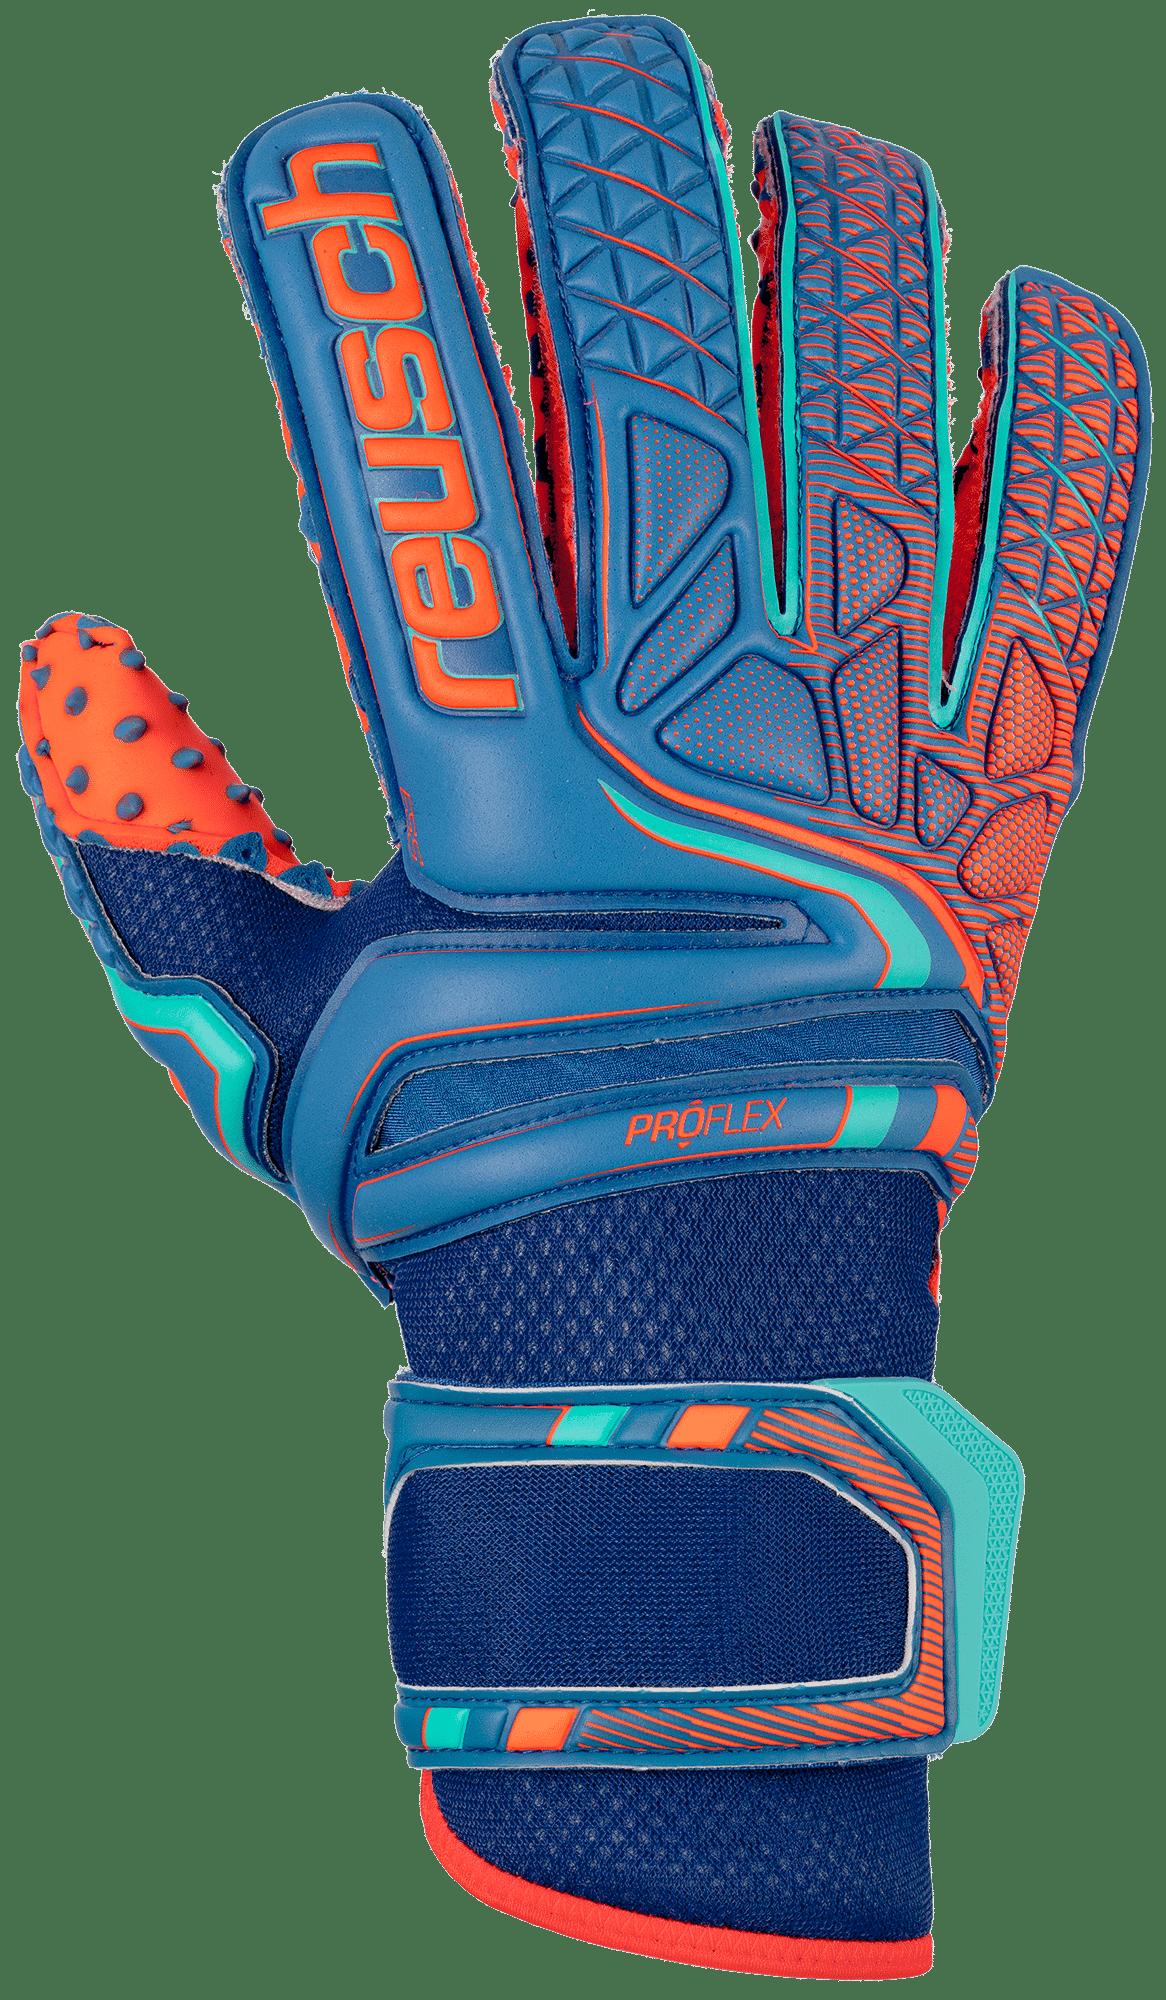 gants-reusch-G3-speedbump-v2-footpack-10